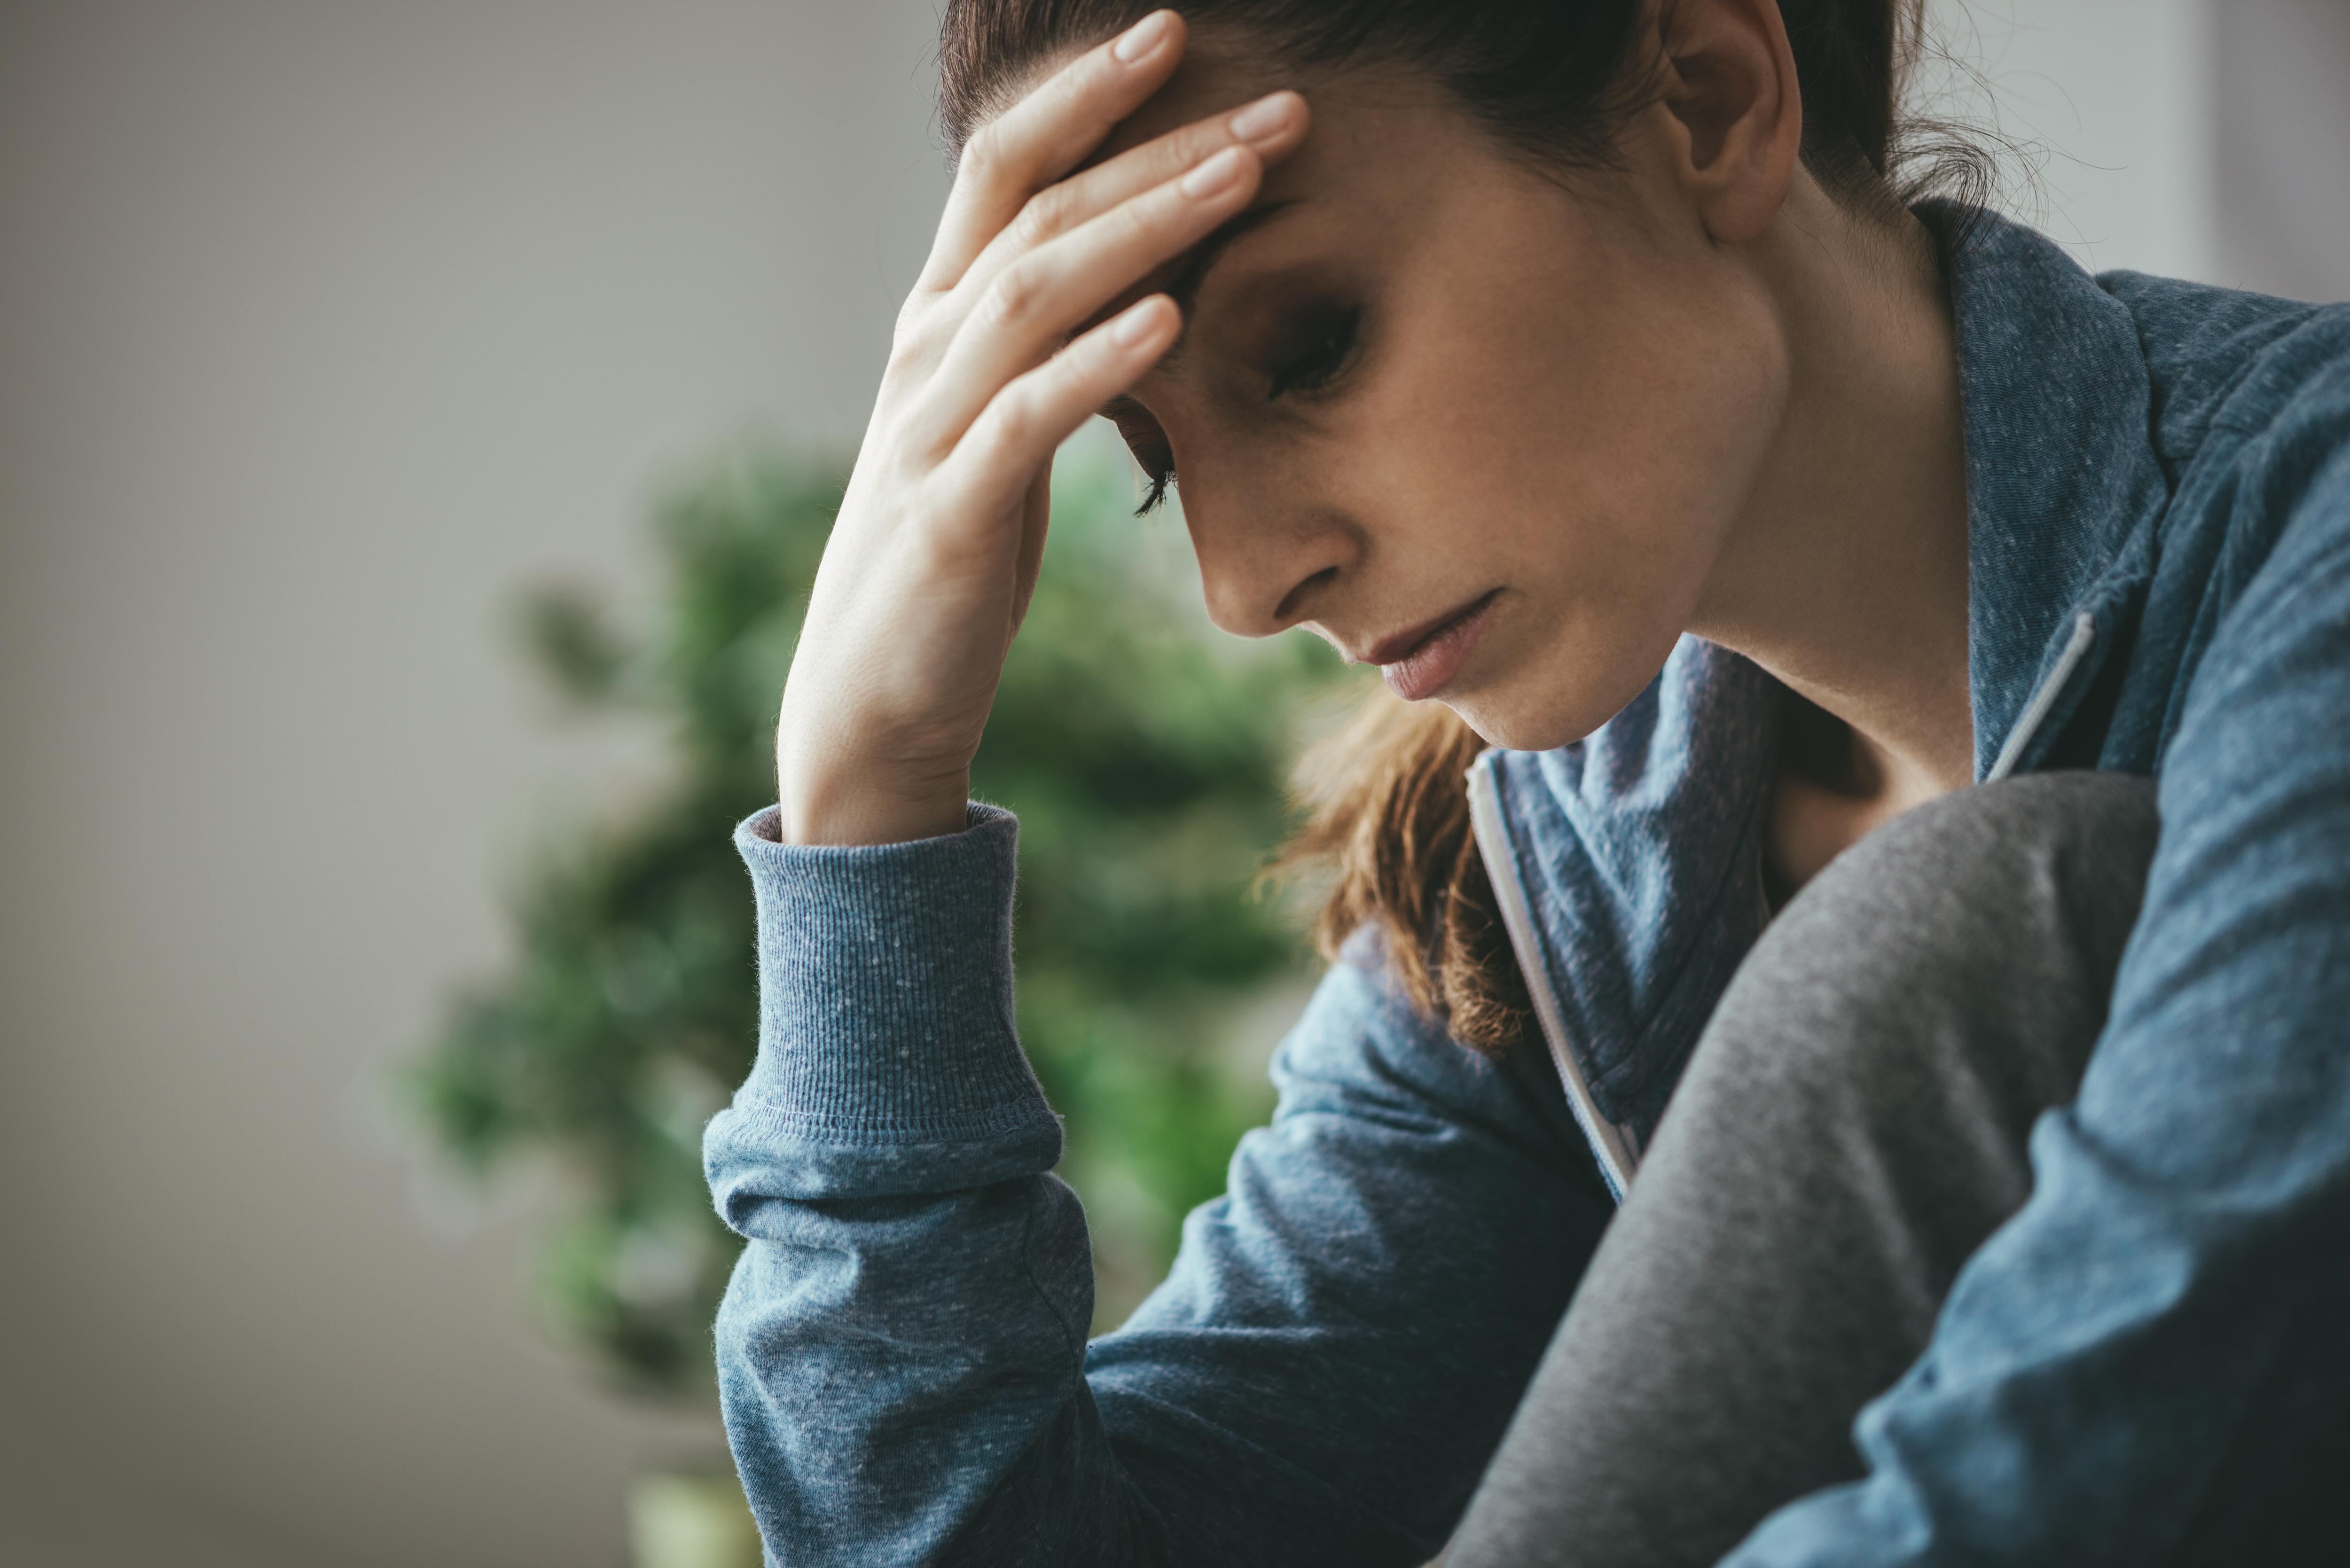 Las mujeres son quienes más sufren de depresión.